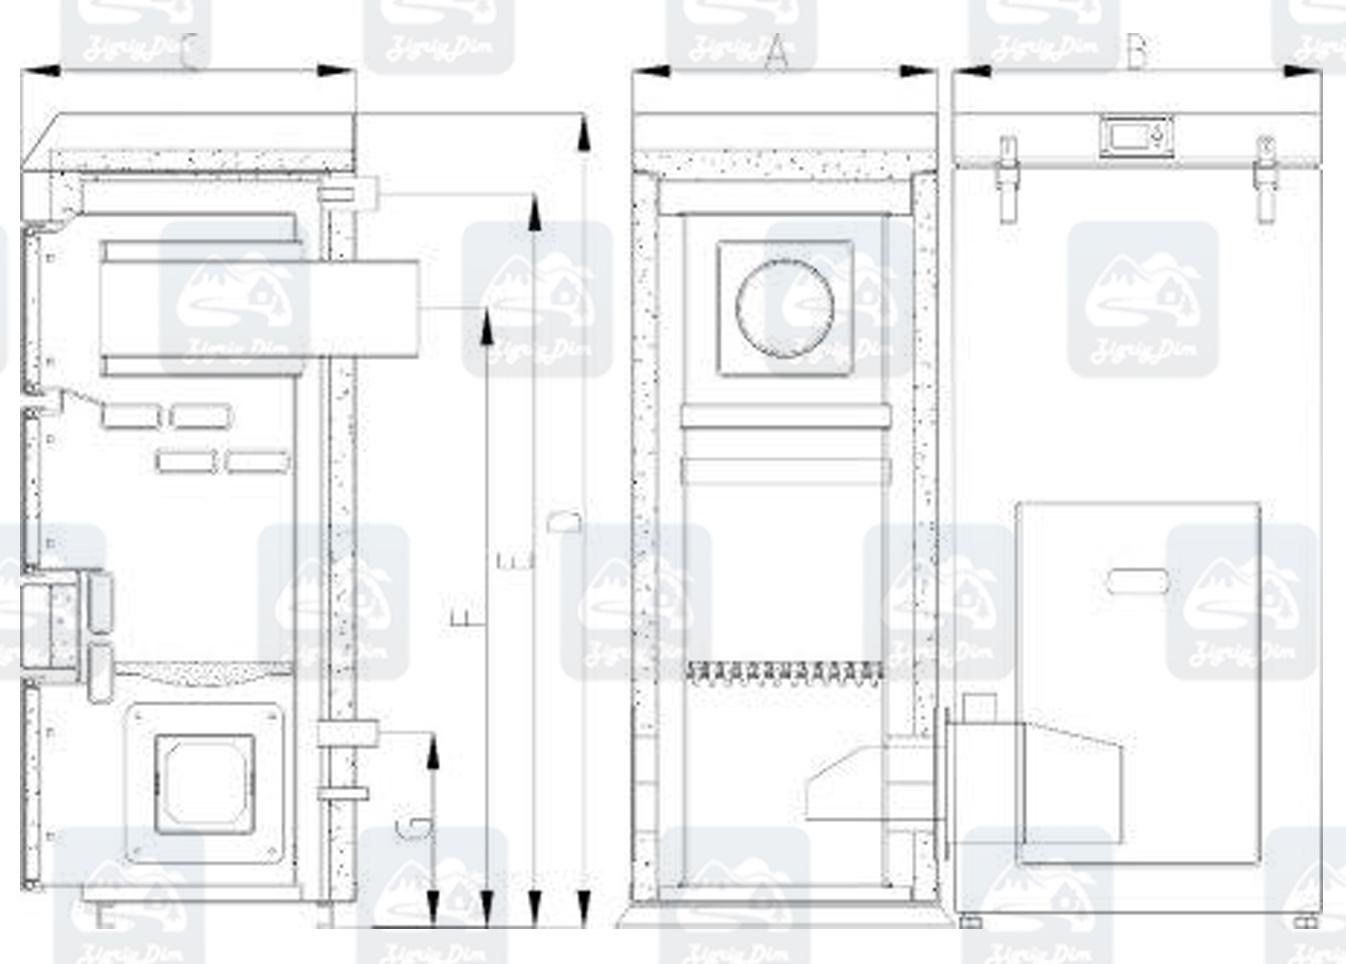 Габаритные размеры пеллетного котла с автоматической подачей топлива Heiztechnik HT DasPell